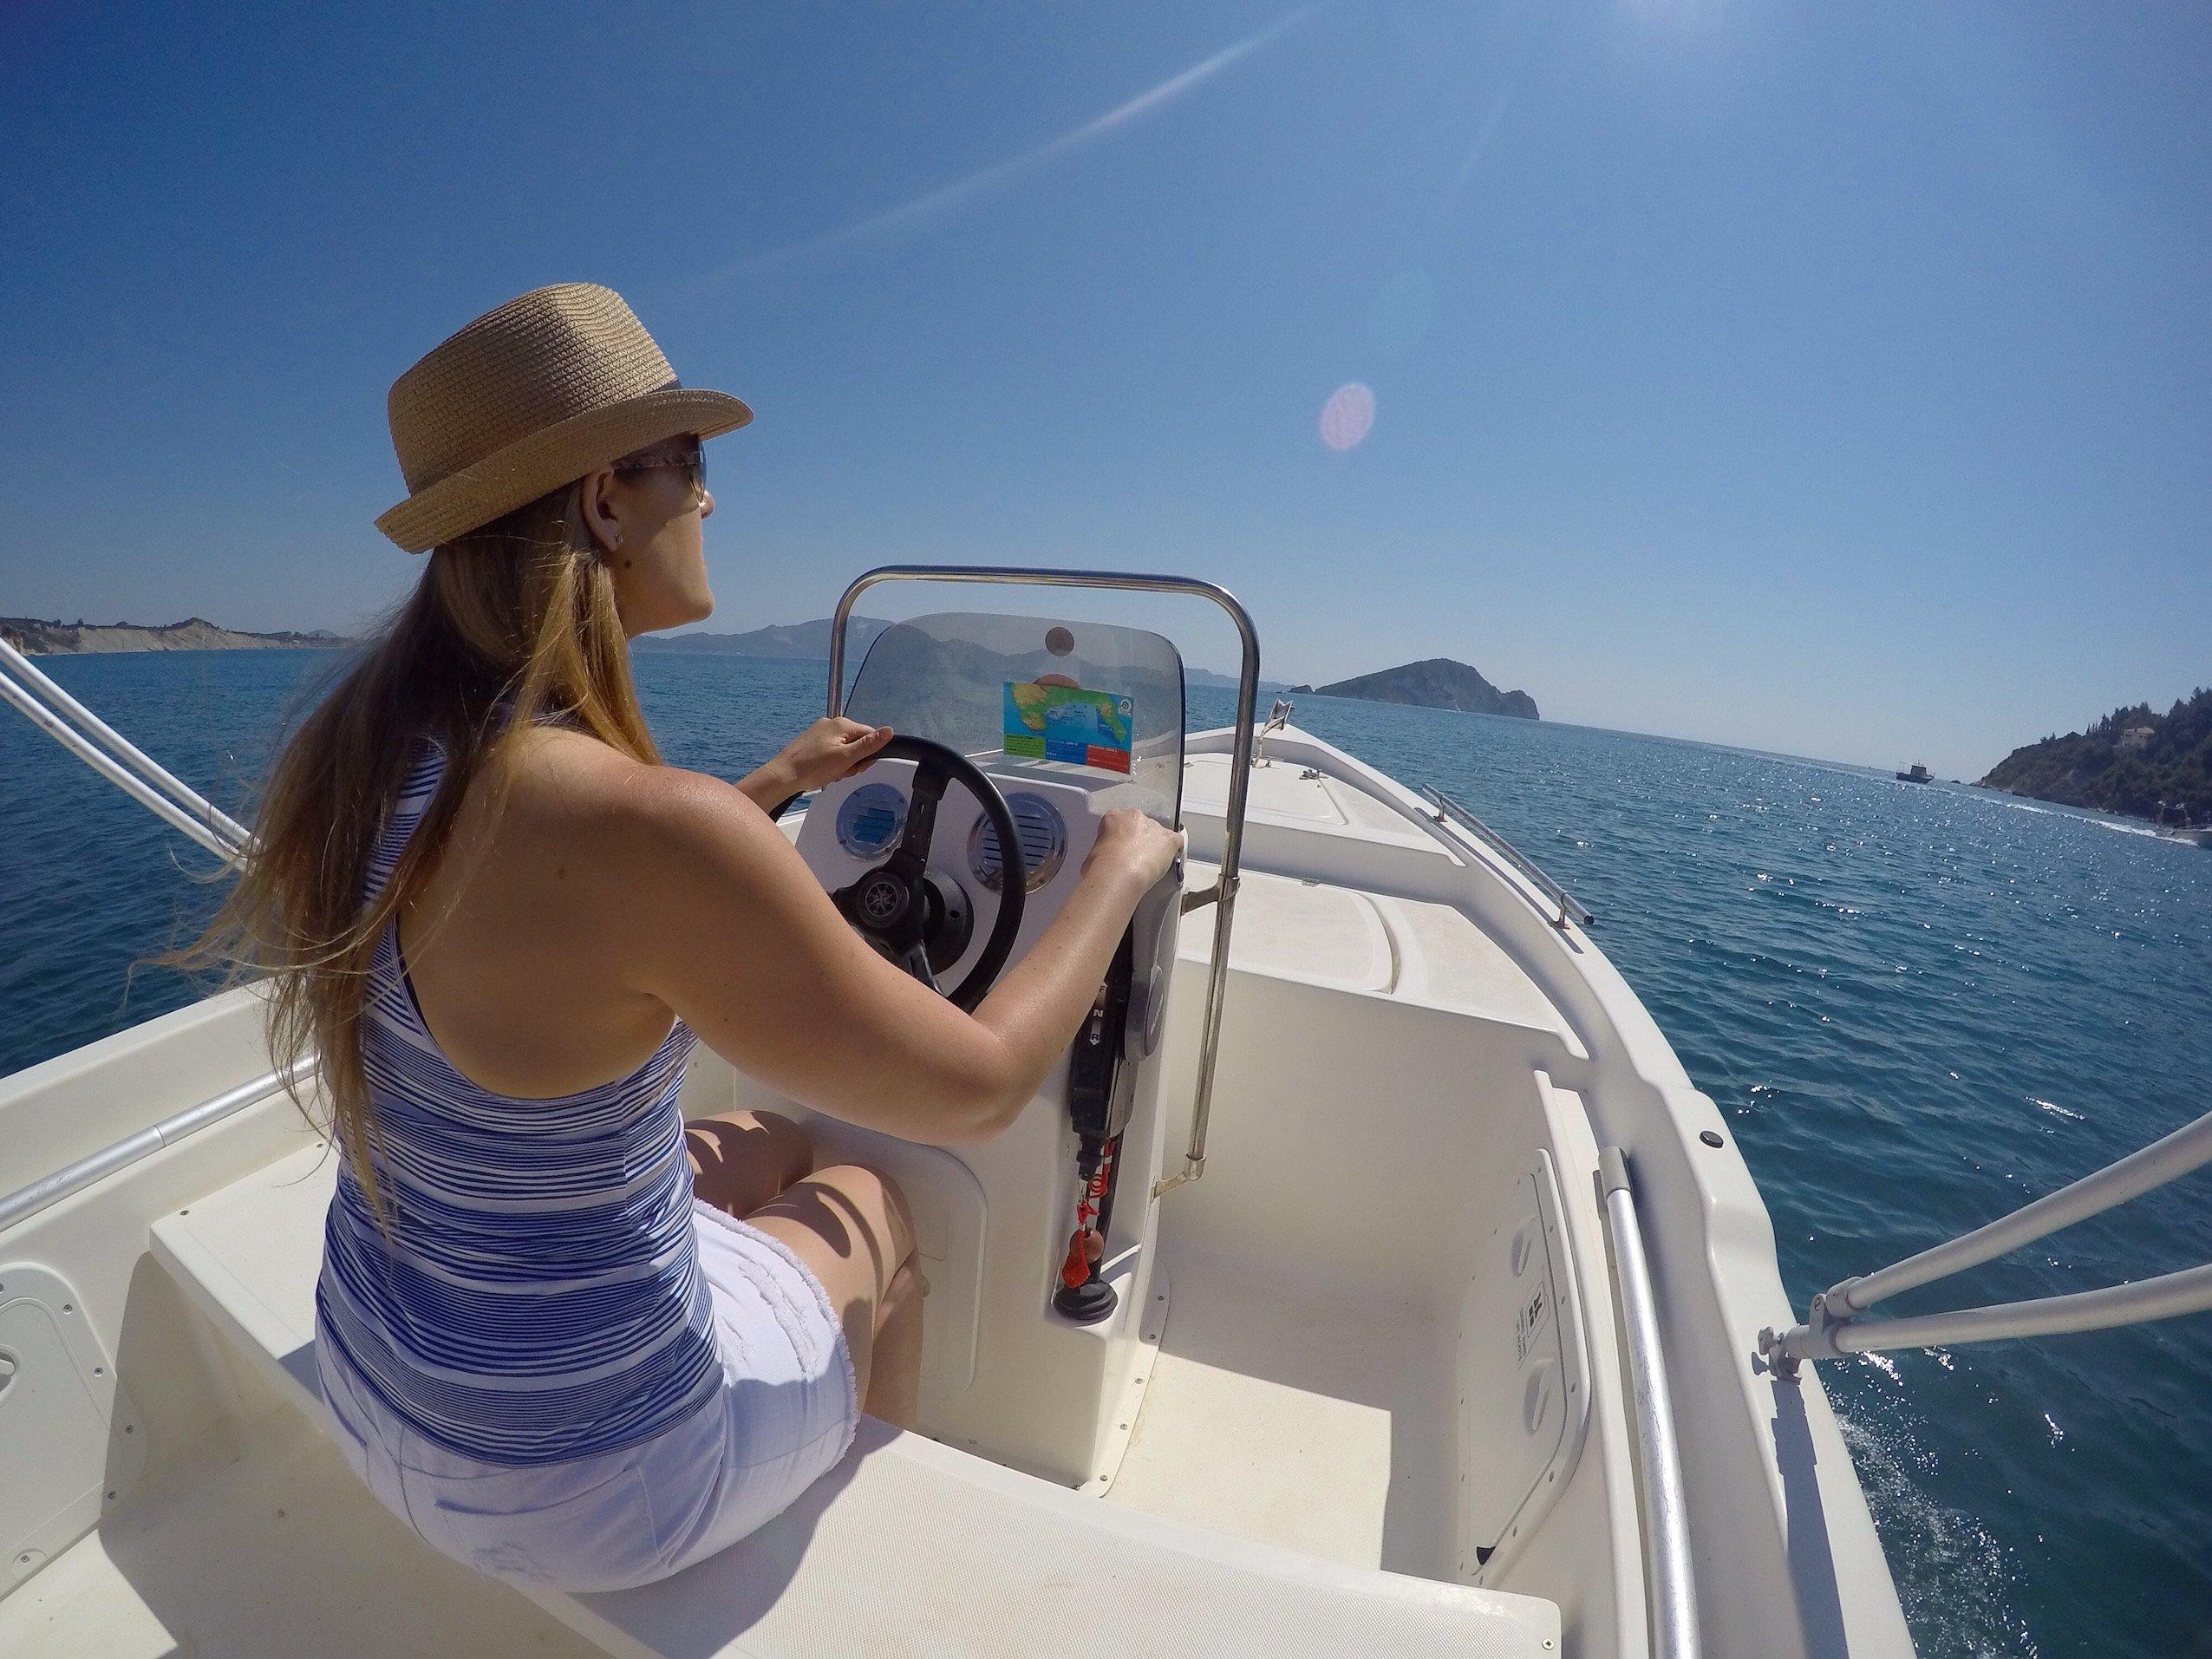 Captains Boat rental.